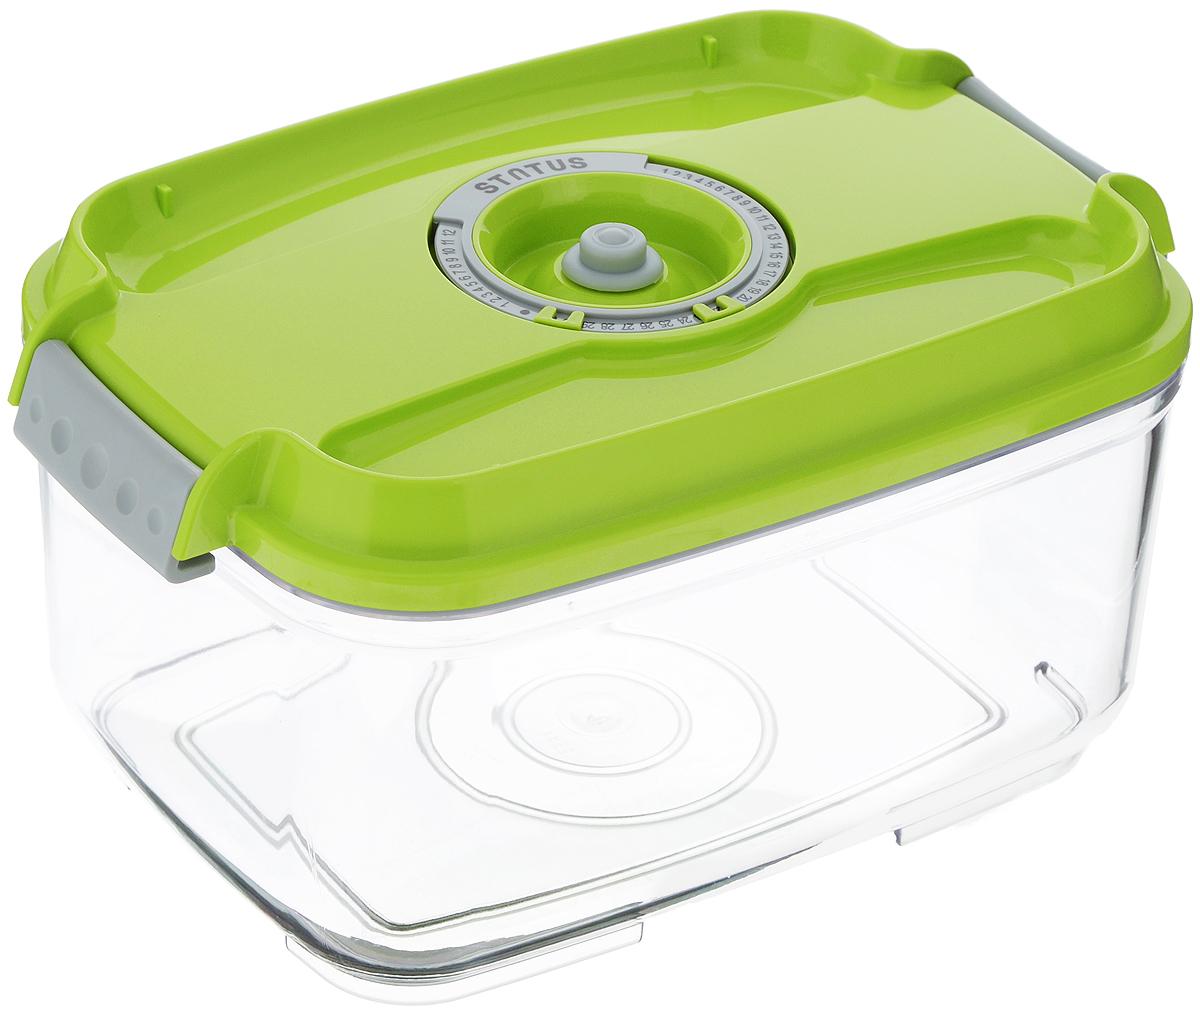 Контейнер вакуумный Status, с индикатором даты срока хранения, прозрачный, зеленый, 2 л4630003364517Вакуумный контейнер Status выполнен из хрустально-прозрачного прочного тритана. Благодаря вакууму, продукты не подвергаются внешнему воздействию, и срок хранения значительно увеличивается, сохраняют свои вкусовые качества и аромат, а запахи в холодильнике не перемешиваются. Допускается замораживание до -21°C, мойка контейнера в посудомоечной машине, разогрев в СВЧ (без крышки). Рекомендовано хранение следующих продуктов: макаронные изделия, крупа, мука, кофе в зёрнах, сухофрукты, супы, соусы. Контейнер имеет индикатор даты, который позволяет отмечать дату конца срока годности продуктов.Размер контейнера (с учетом крышки): 22,5 х 15,5 х 11,5 см.